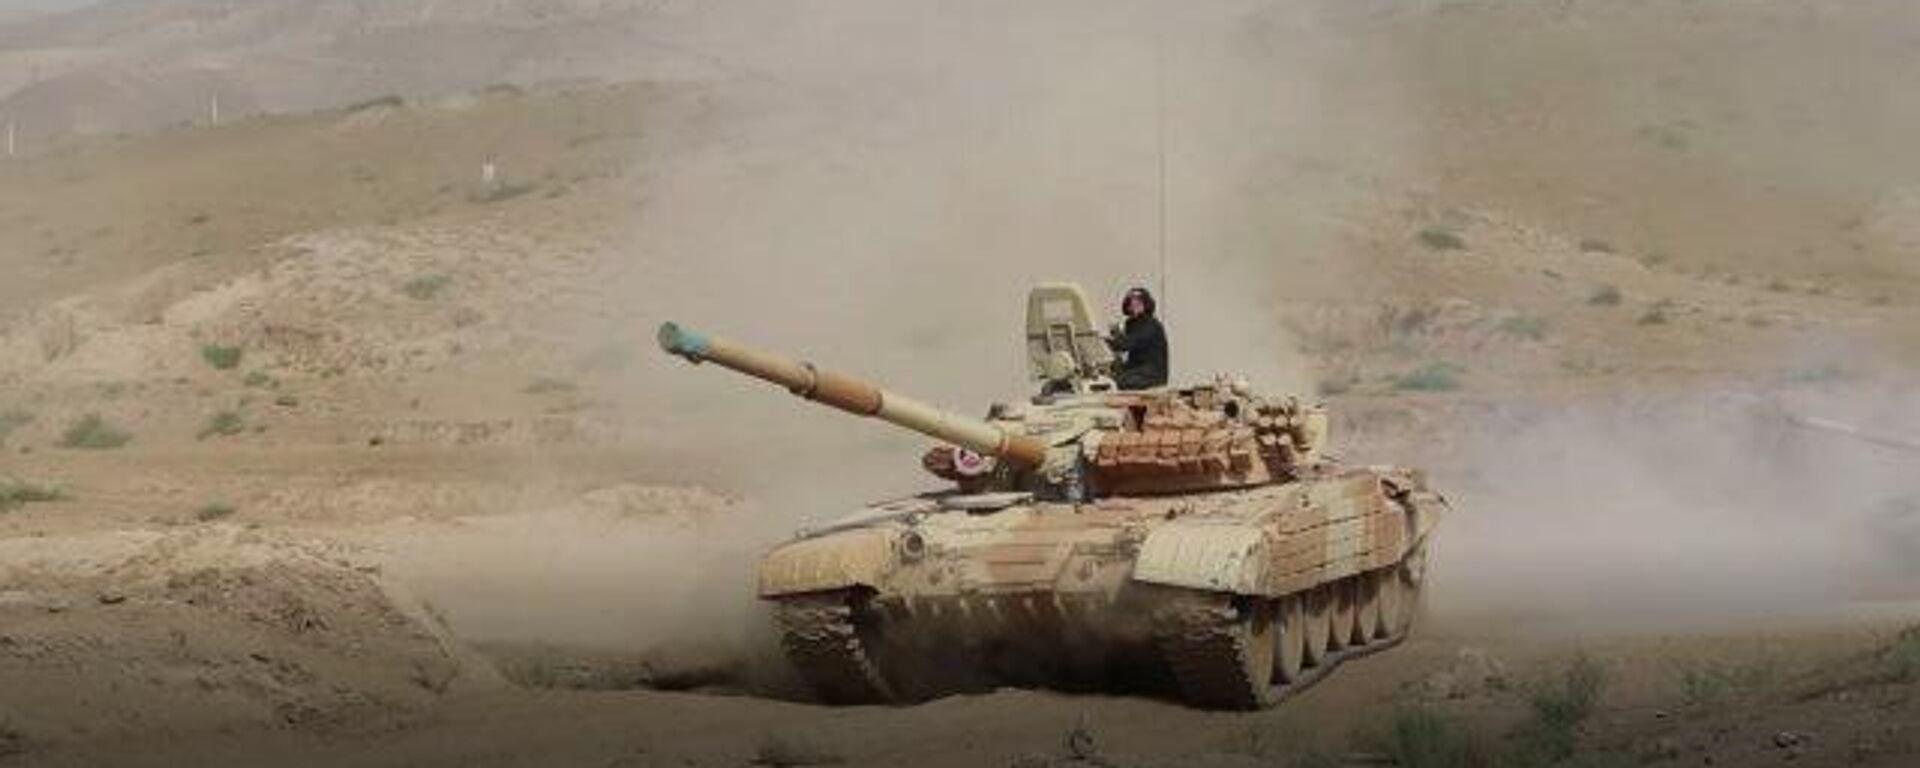 Российские танкисты в Таджикистане совершили марш у границ Афганистана - Sputnik Таджикистан, 1920, 21.07.2021